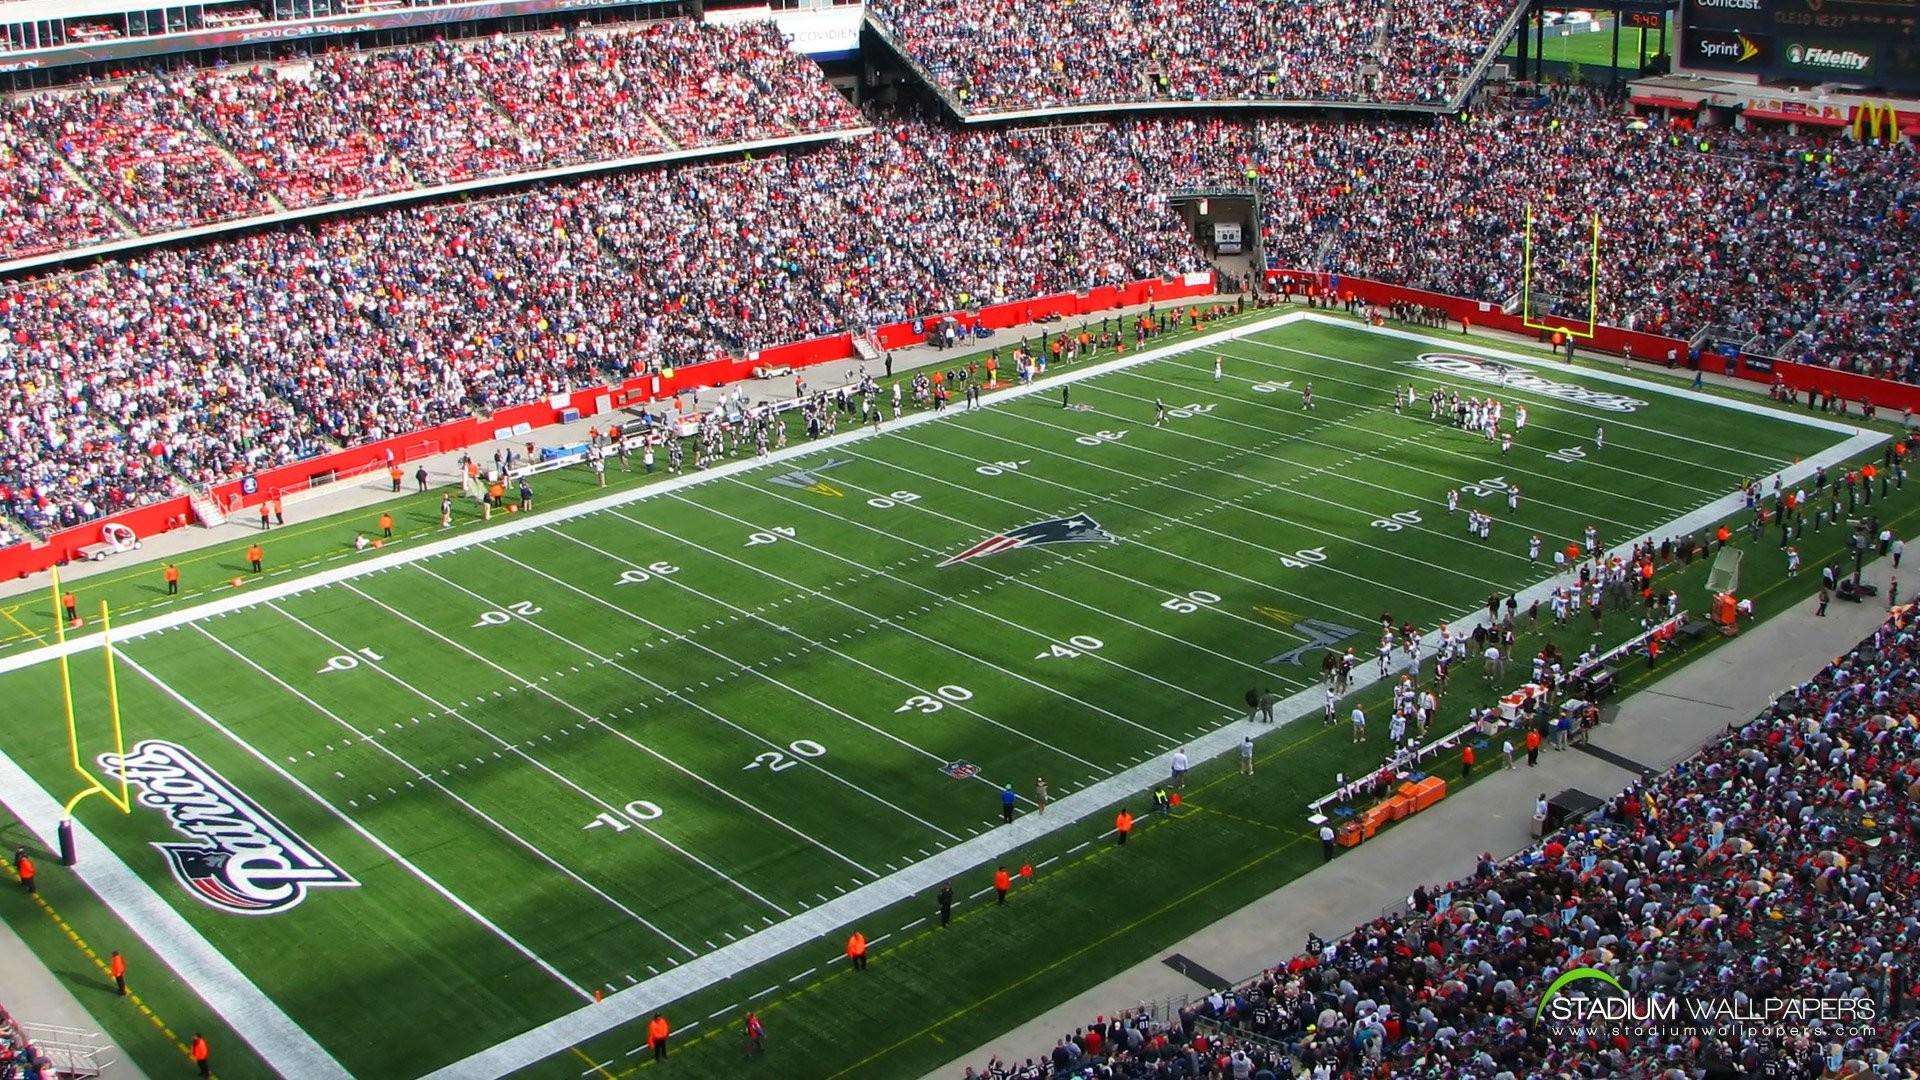 New England Patriots Wallpaper   Data-src /w/full/c/e/e/326900 - Cowboys Stadium - HD Wallpaper